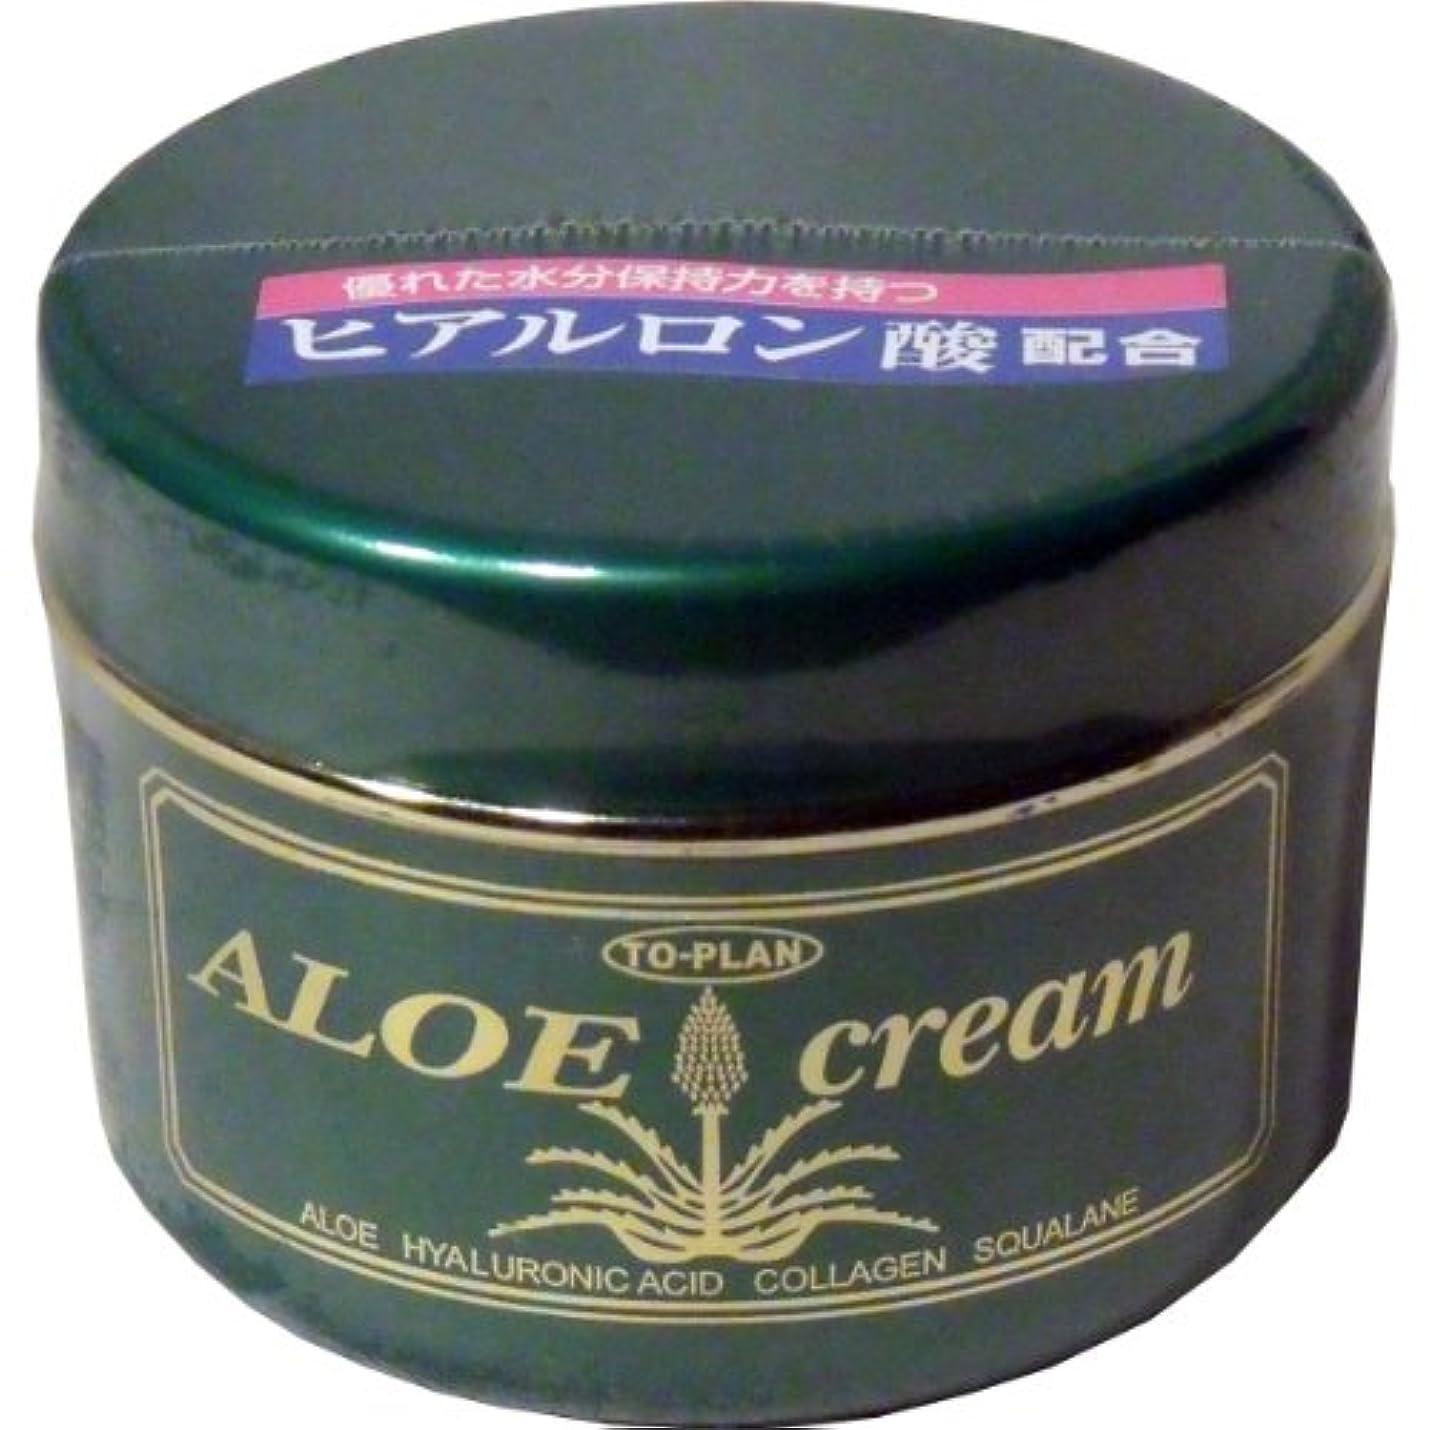 制限する黒板によってトプラン ハーブフレッシュクリーム(アロエクリーム) ヒアルロン酸 170g